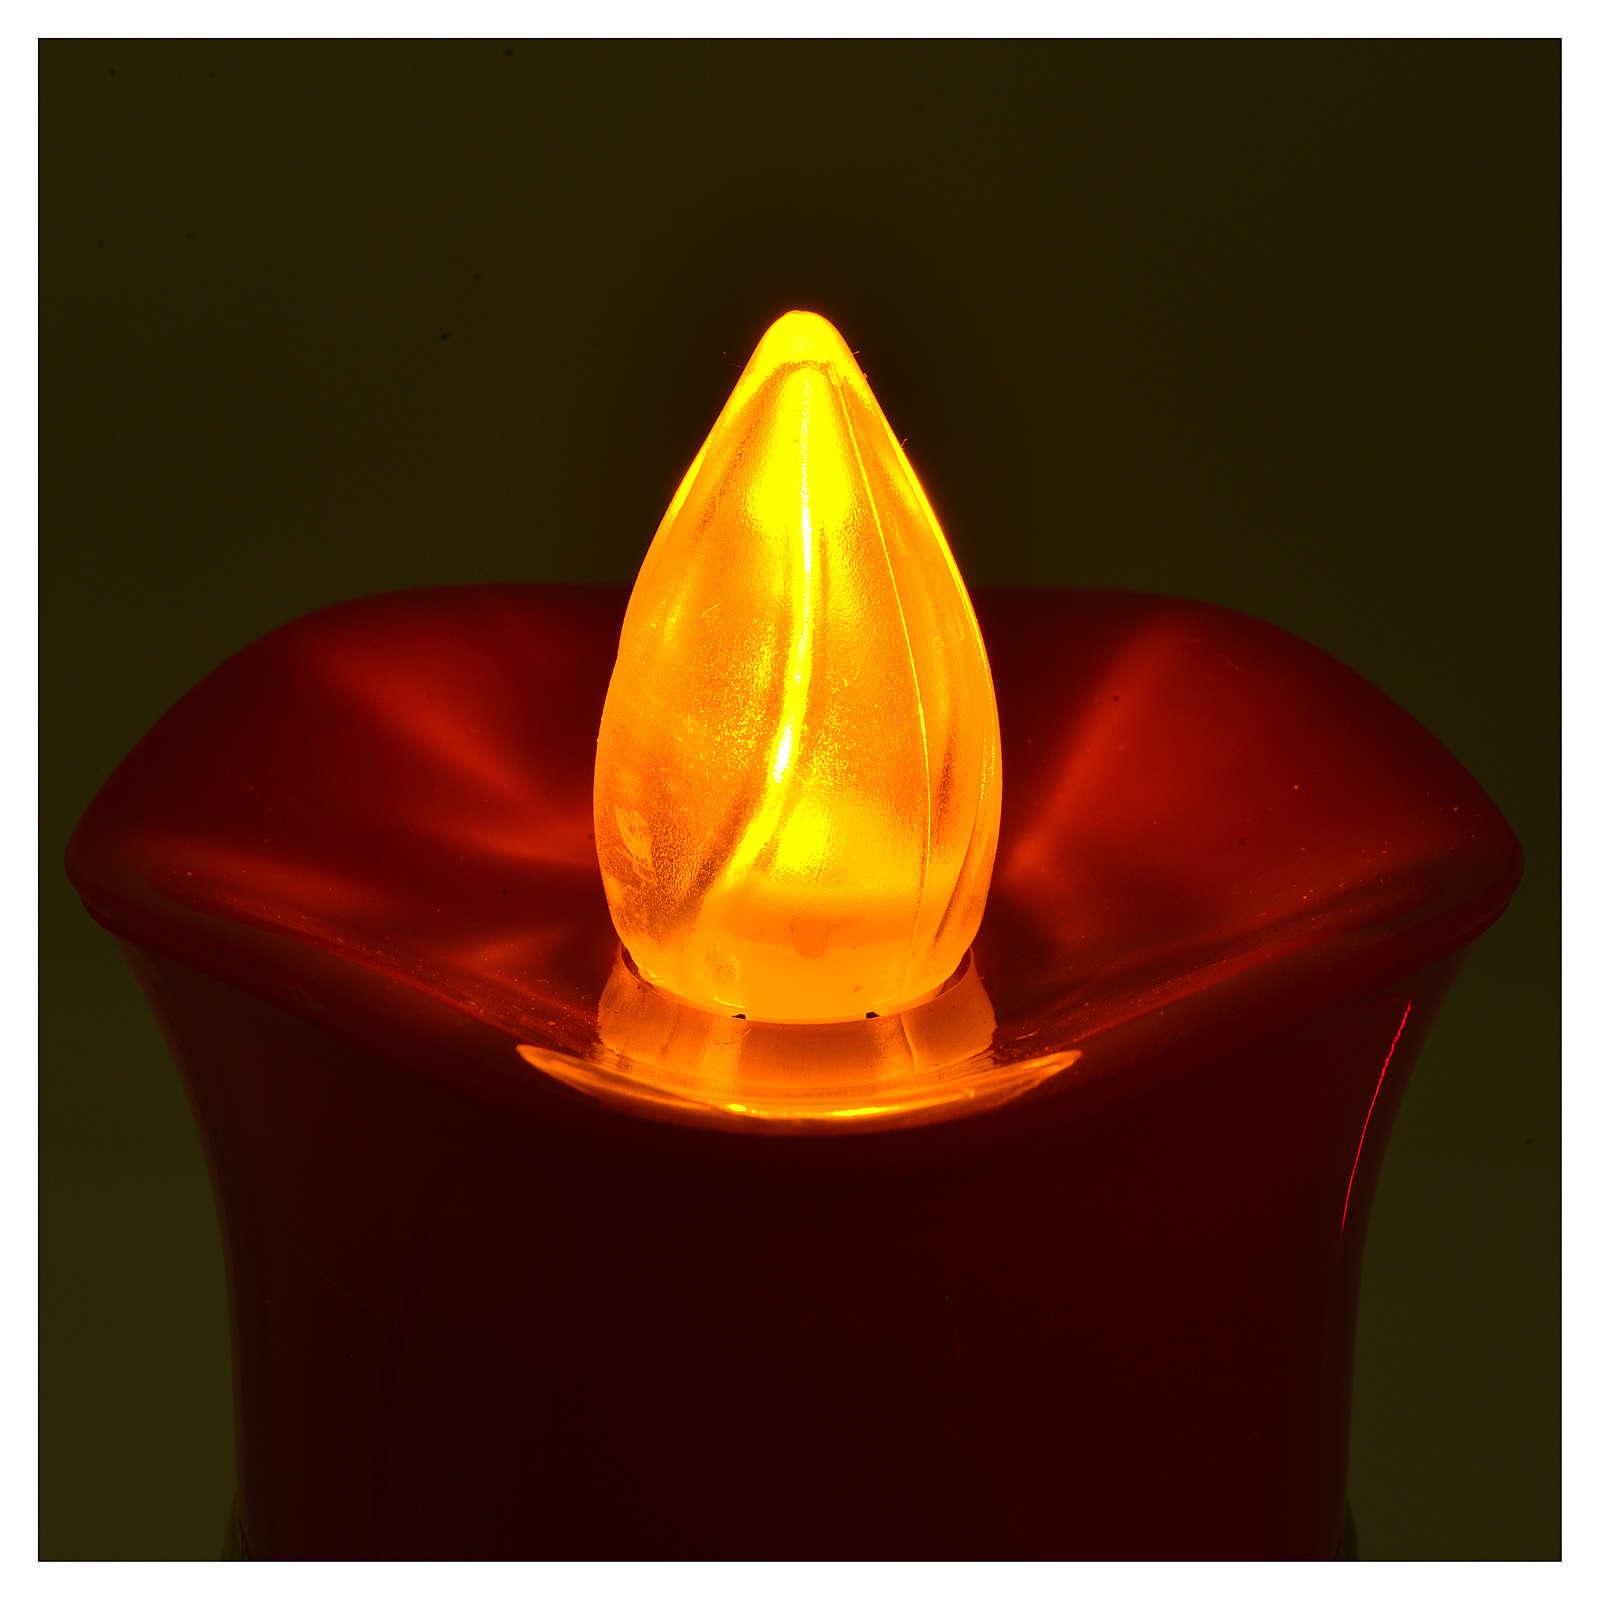 Lumino Lumada immagine Gesù bianco fiamma gialla tremula 3